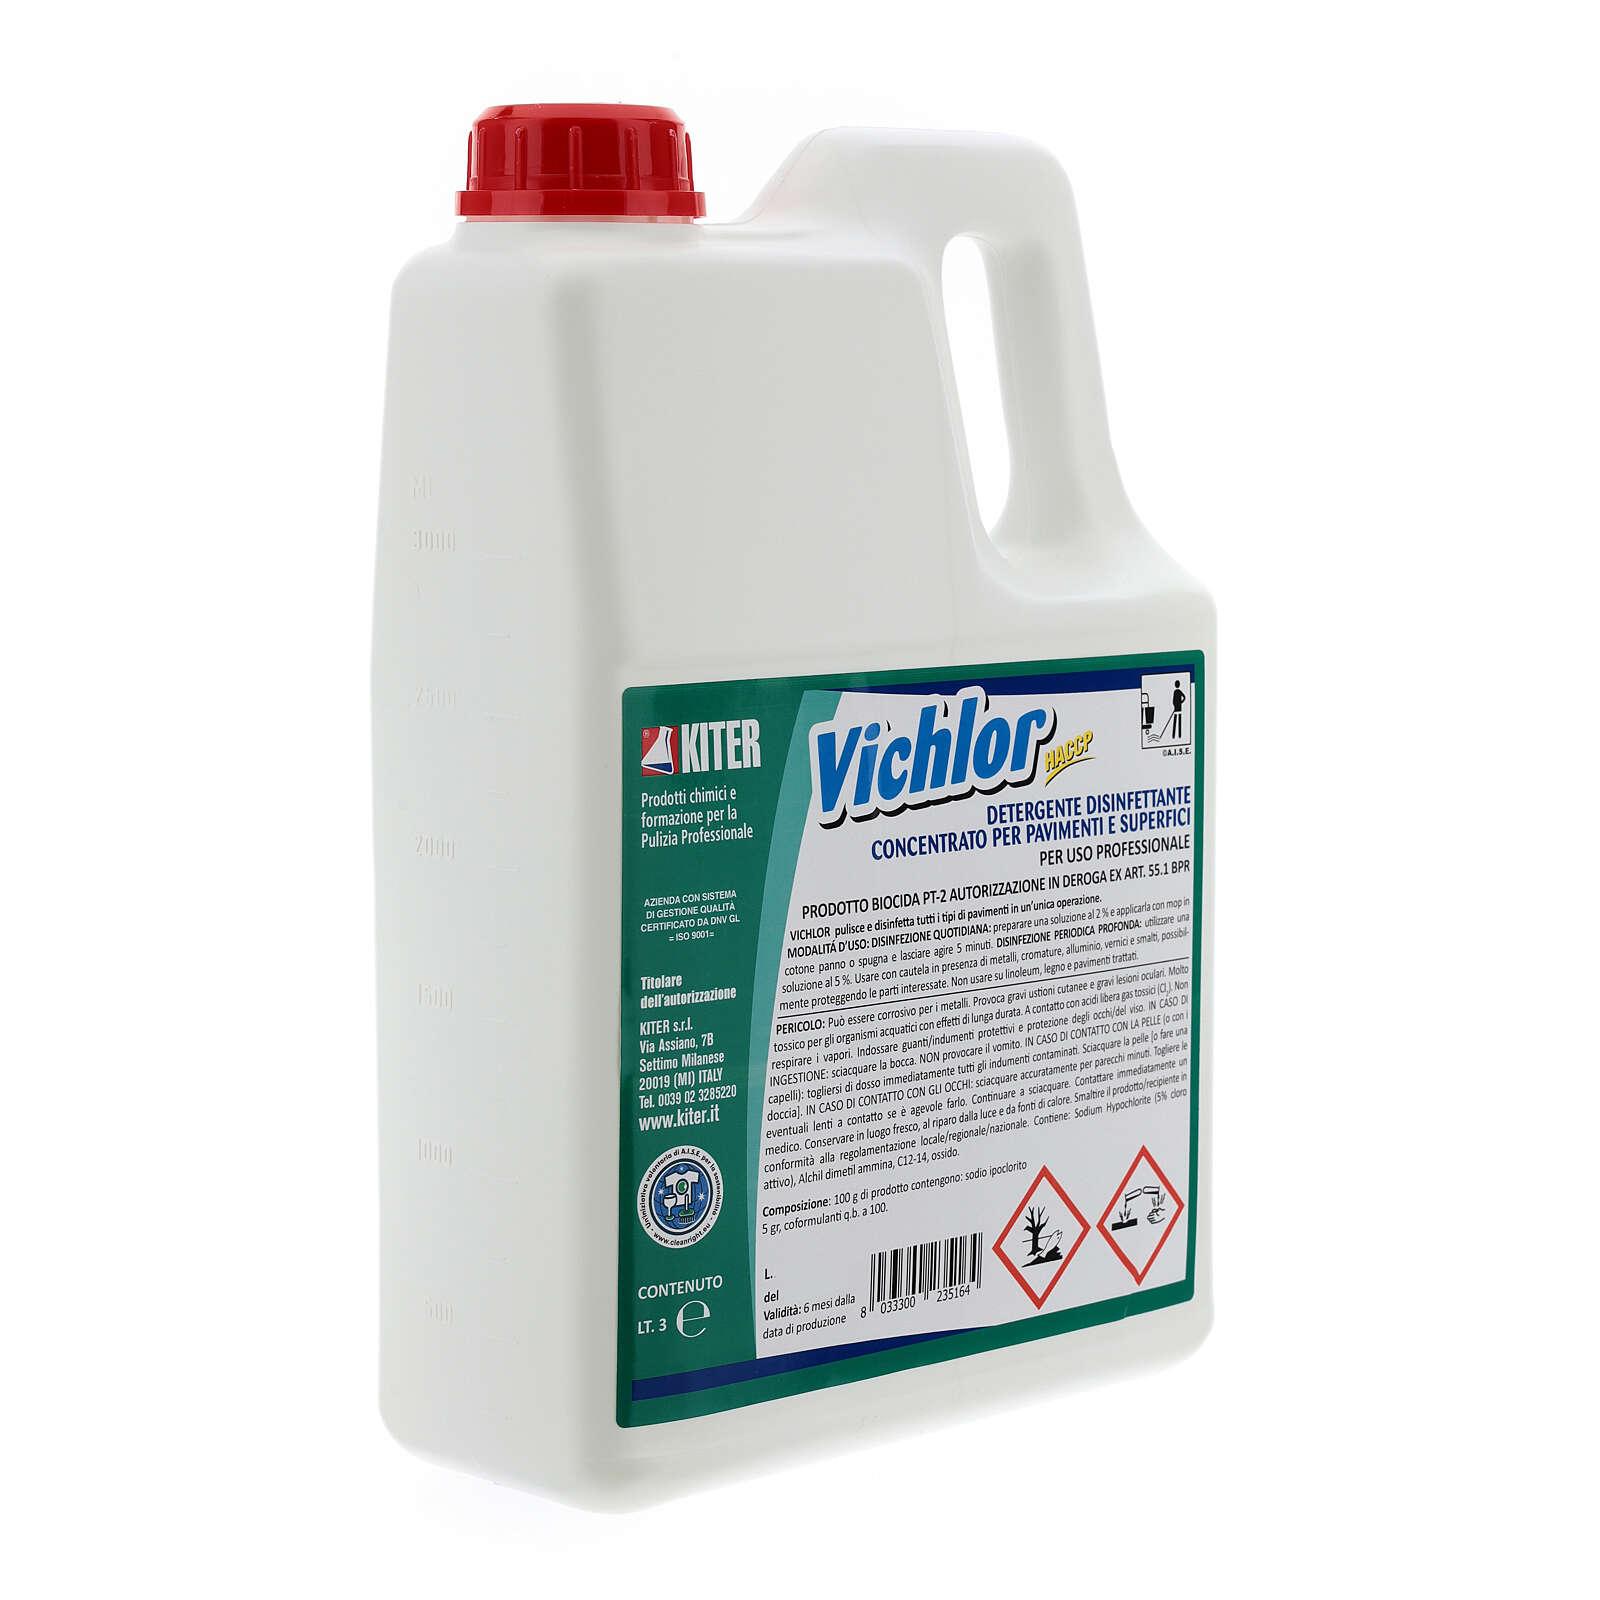 Vichlor desinfectante Biocida 3 Litros 3